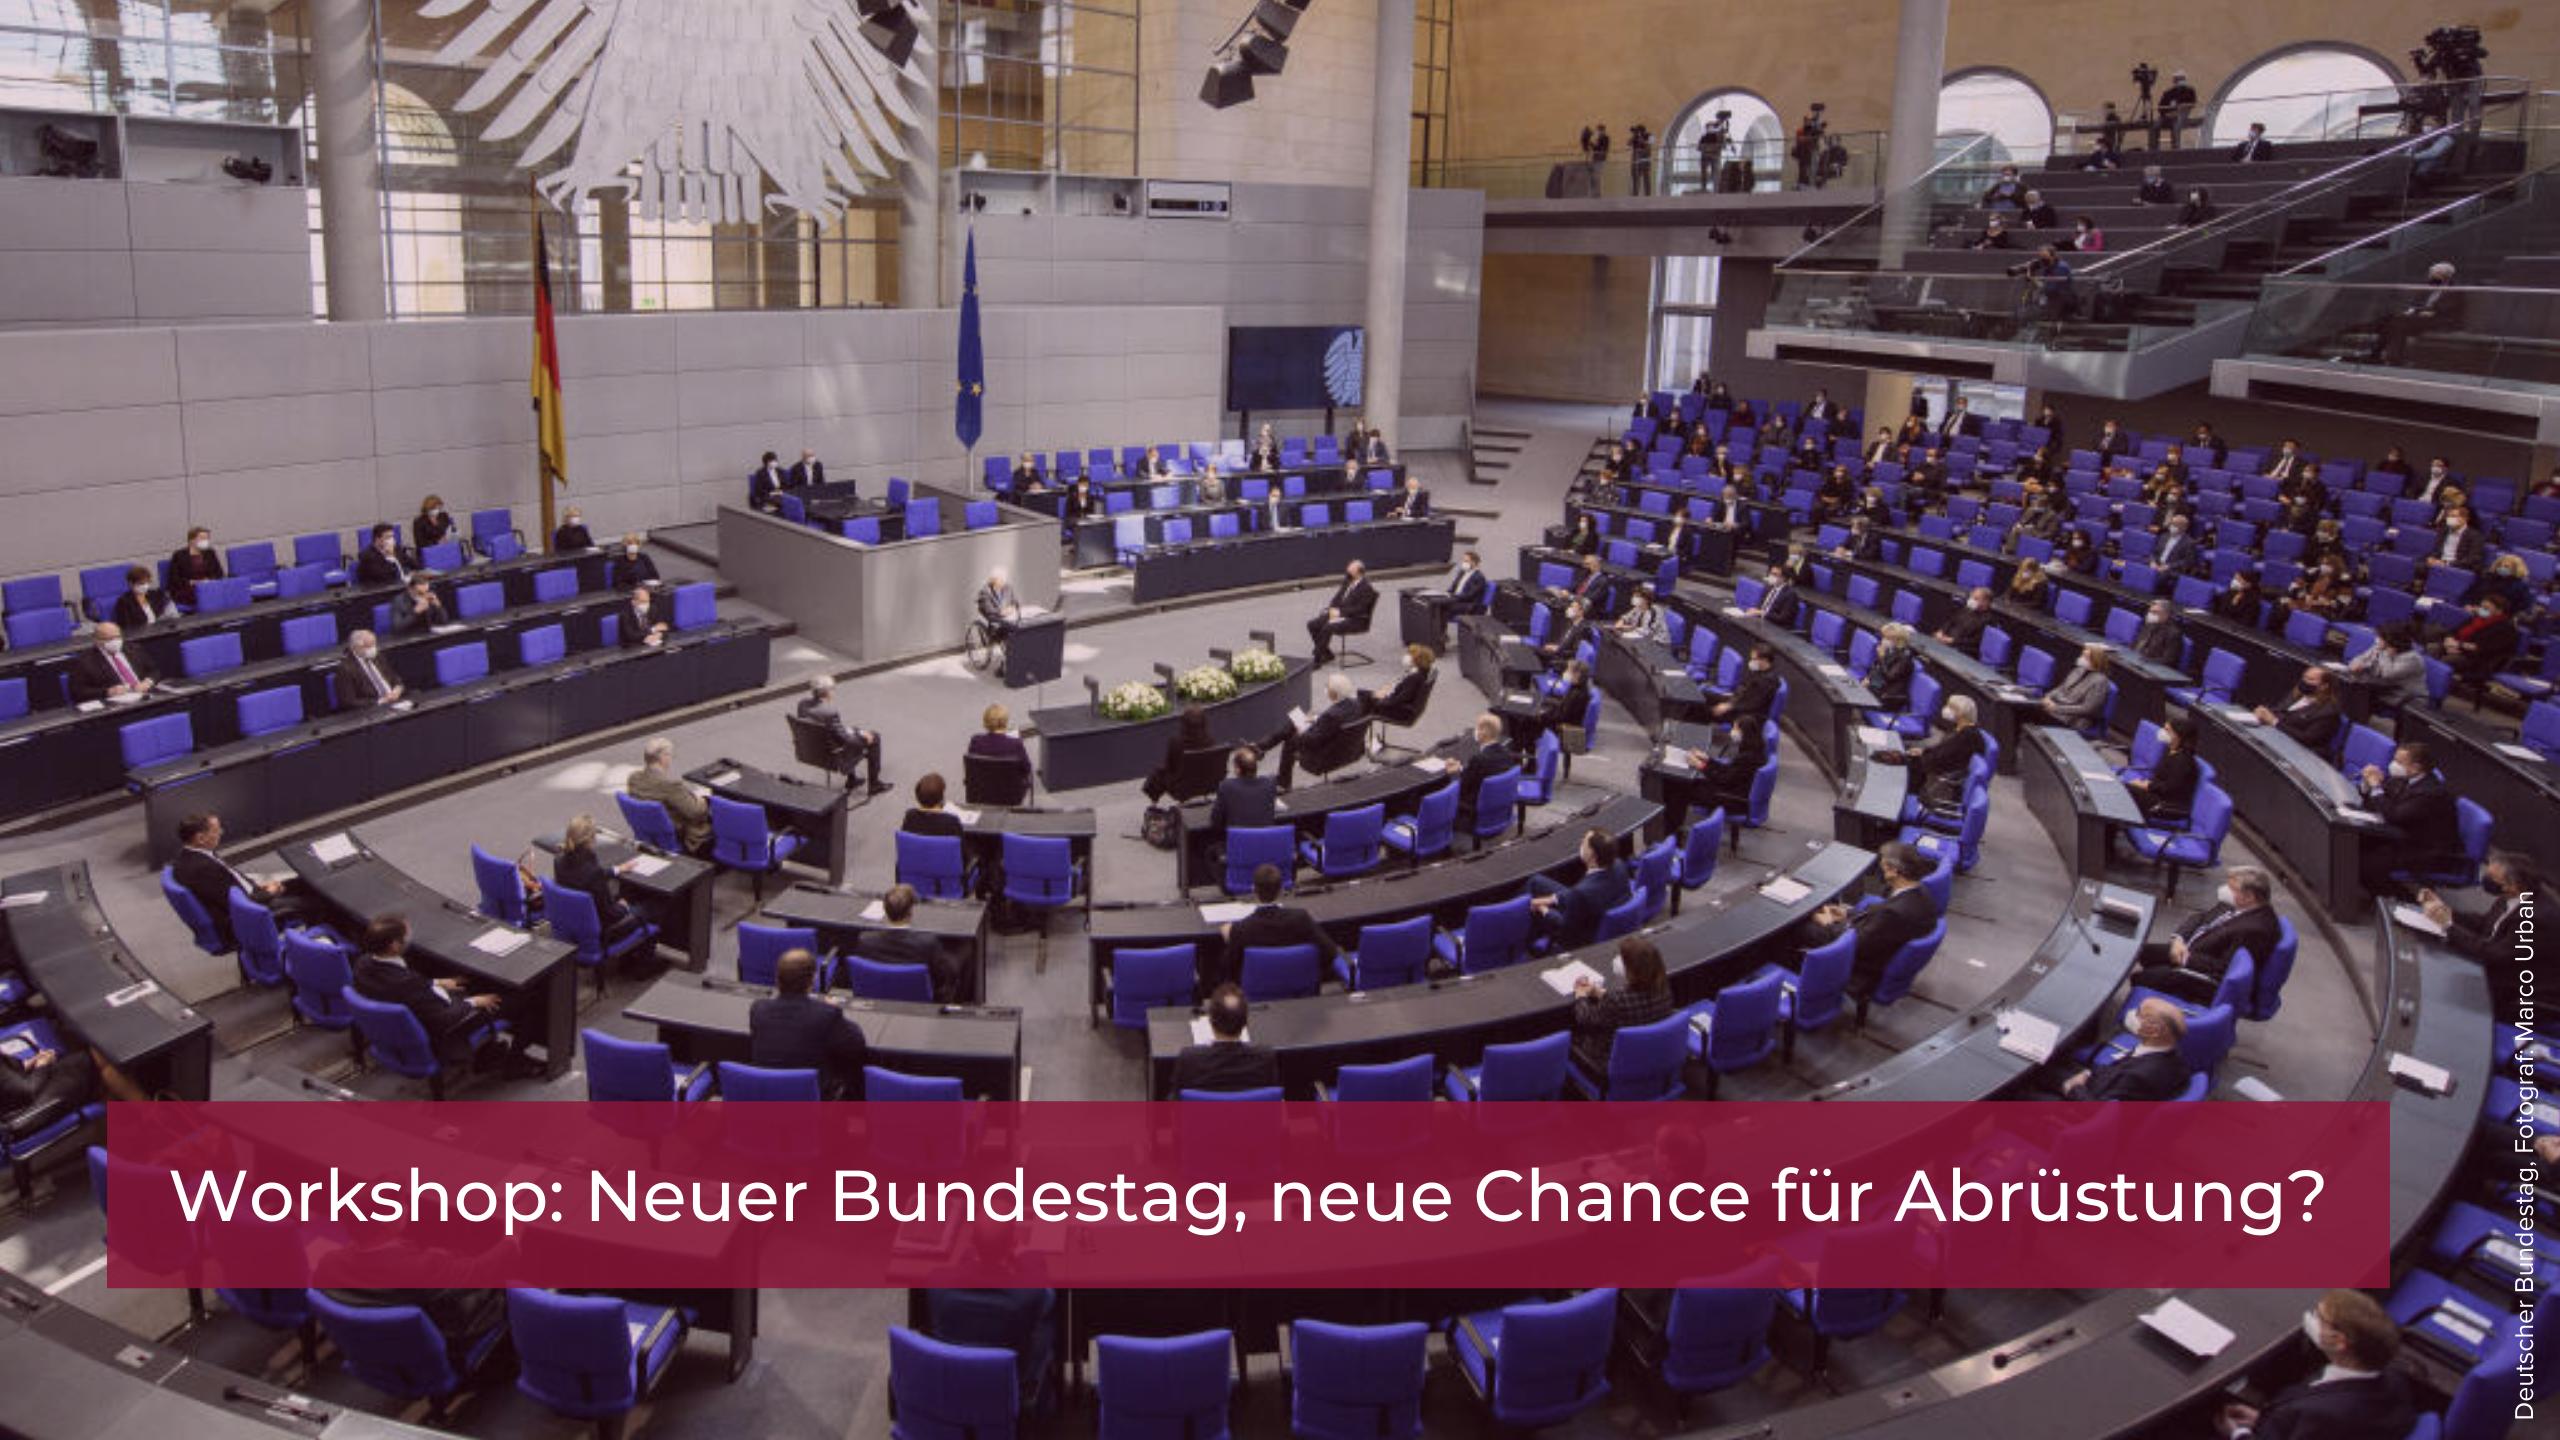 Workshop: Neuer Bundestag, neue Chance für Abrüstung?